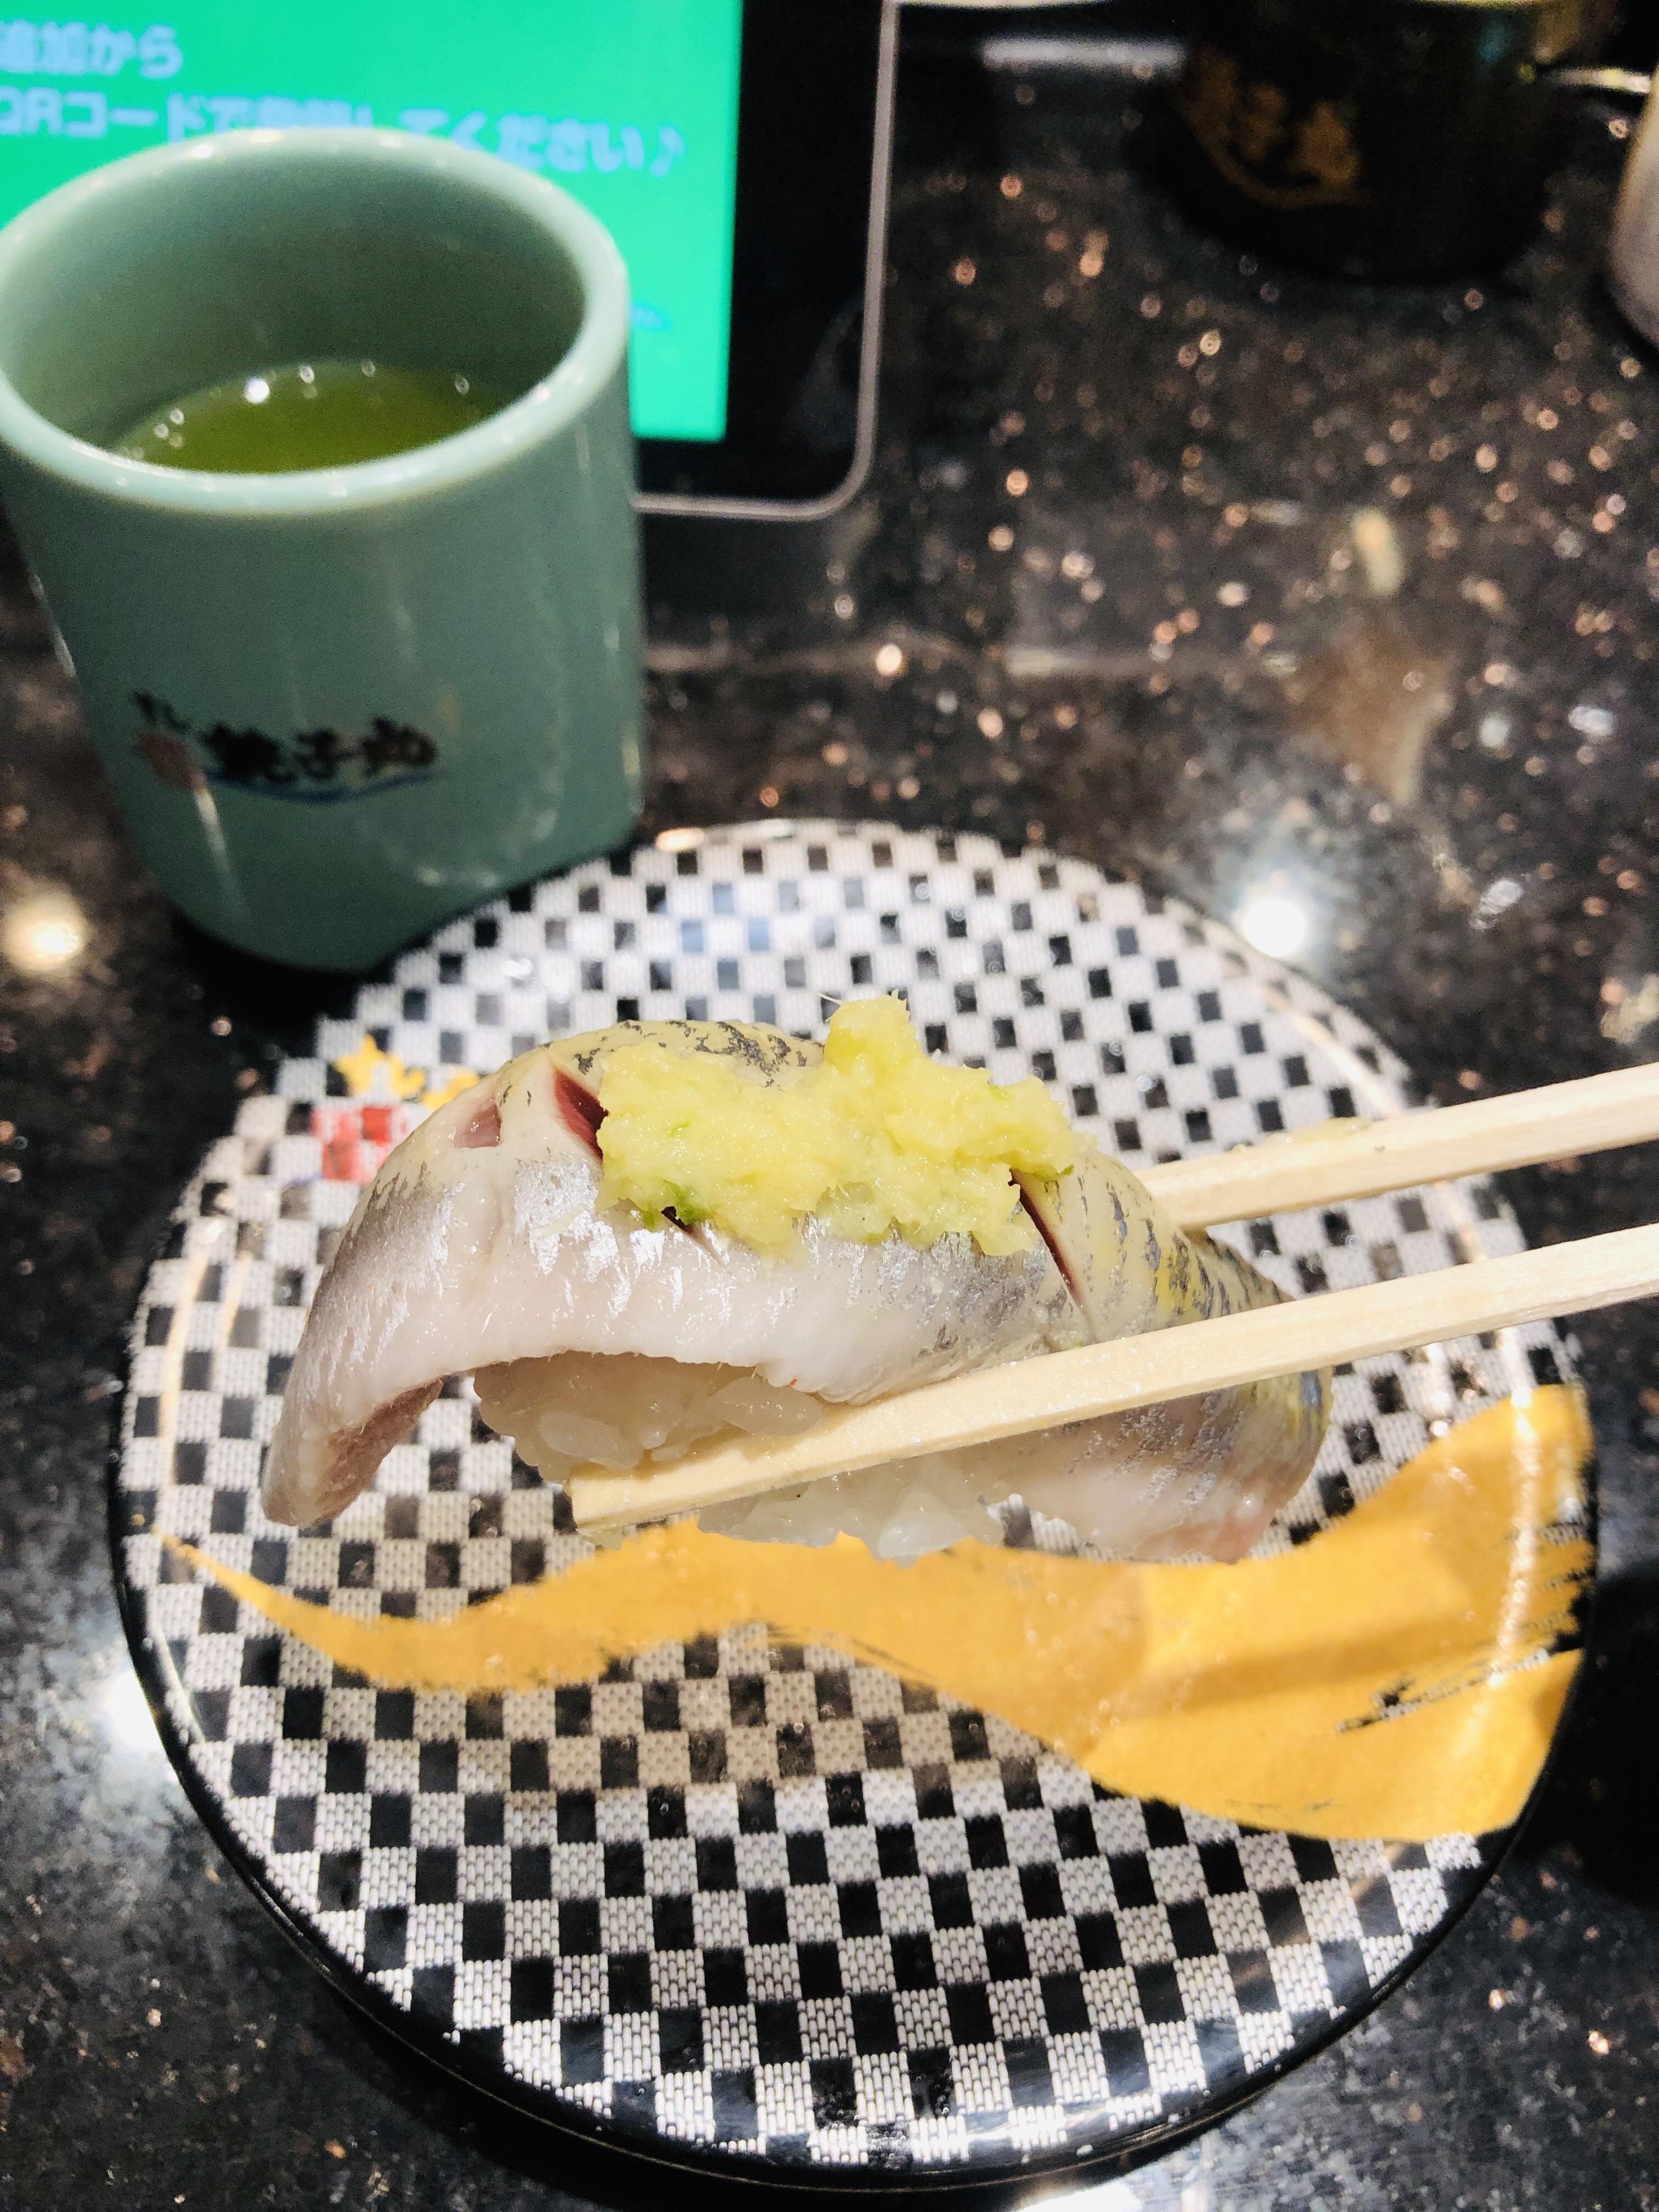 【減らそう糖質】銚子丸はタッチパネルでシャリ少な目をオーダー可!